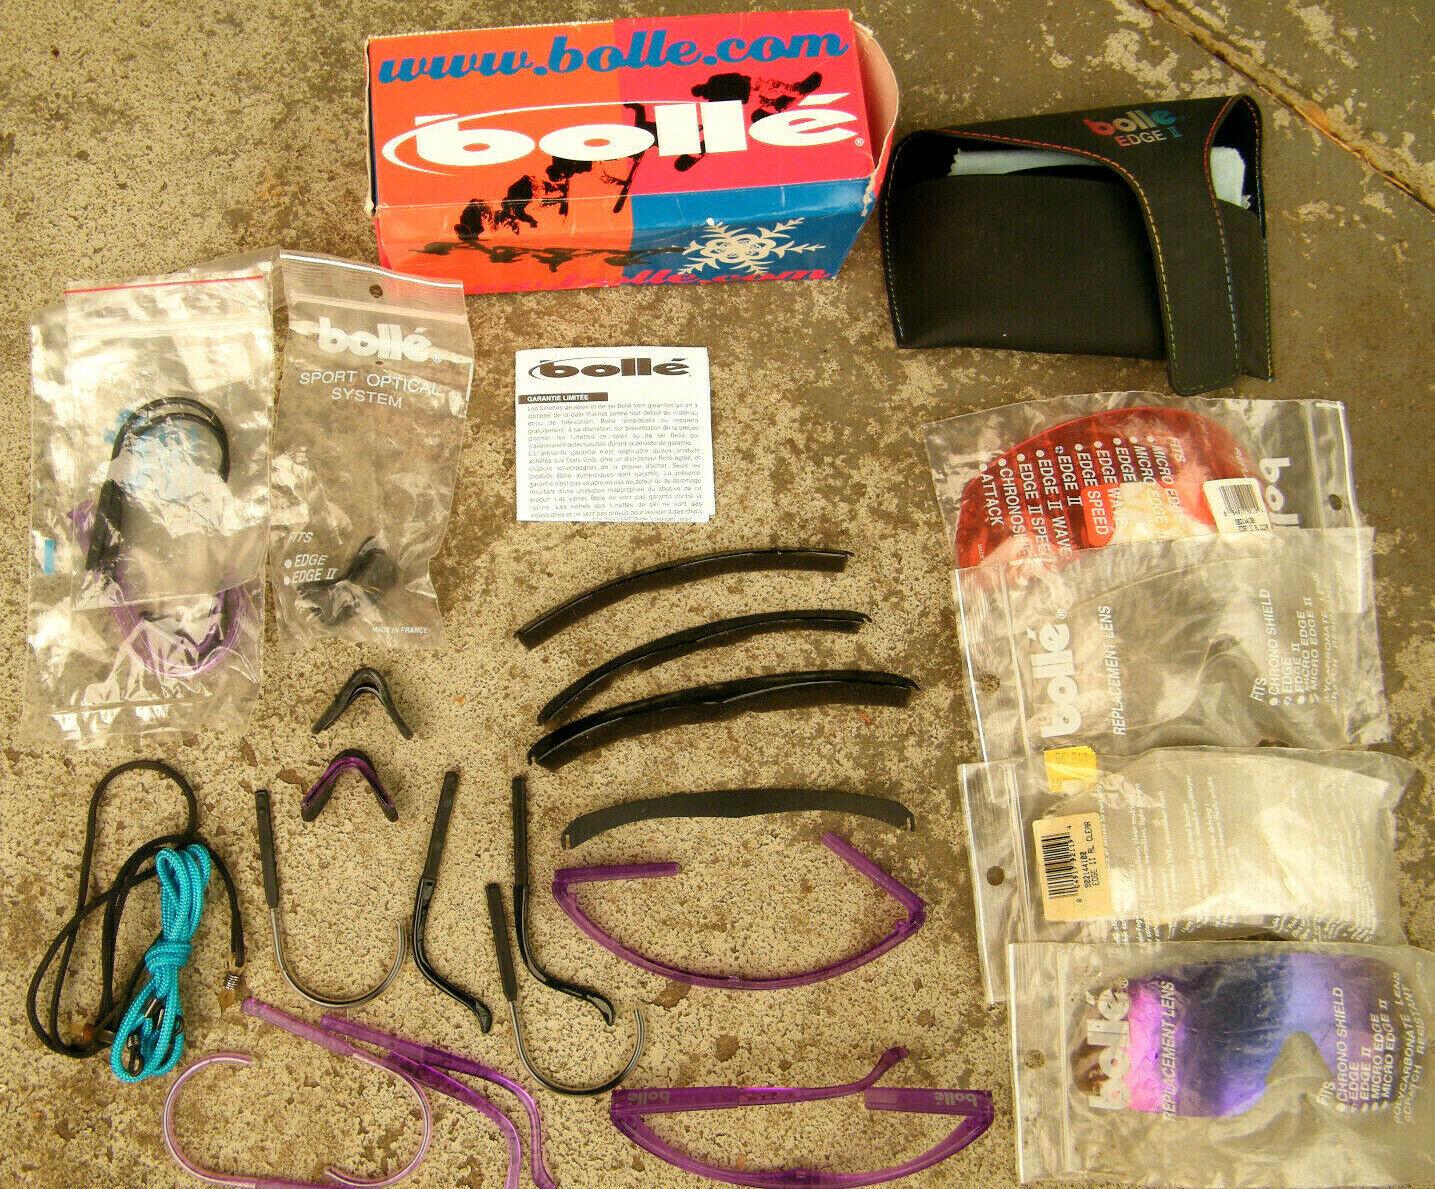 Vintage BOLLE EDGE II Sunglasses Parts Lot Case, Lenses, Nose & Ear Pieces, More